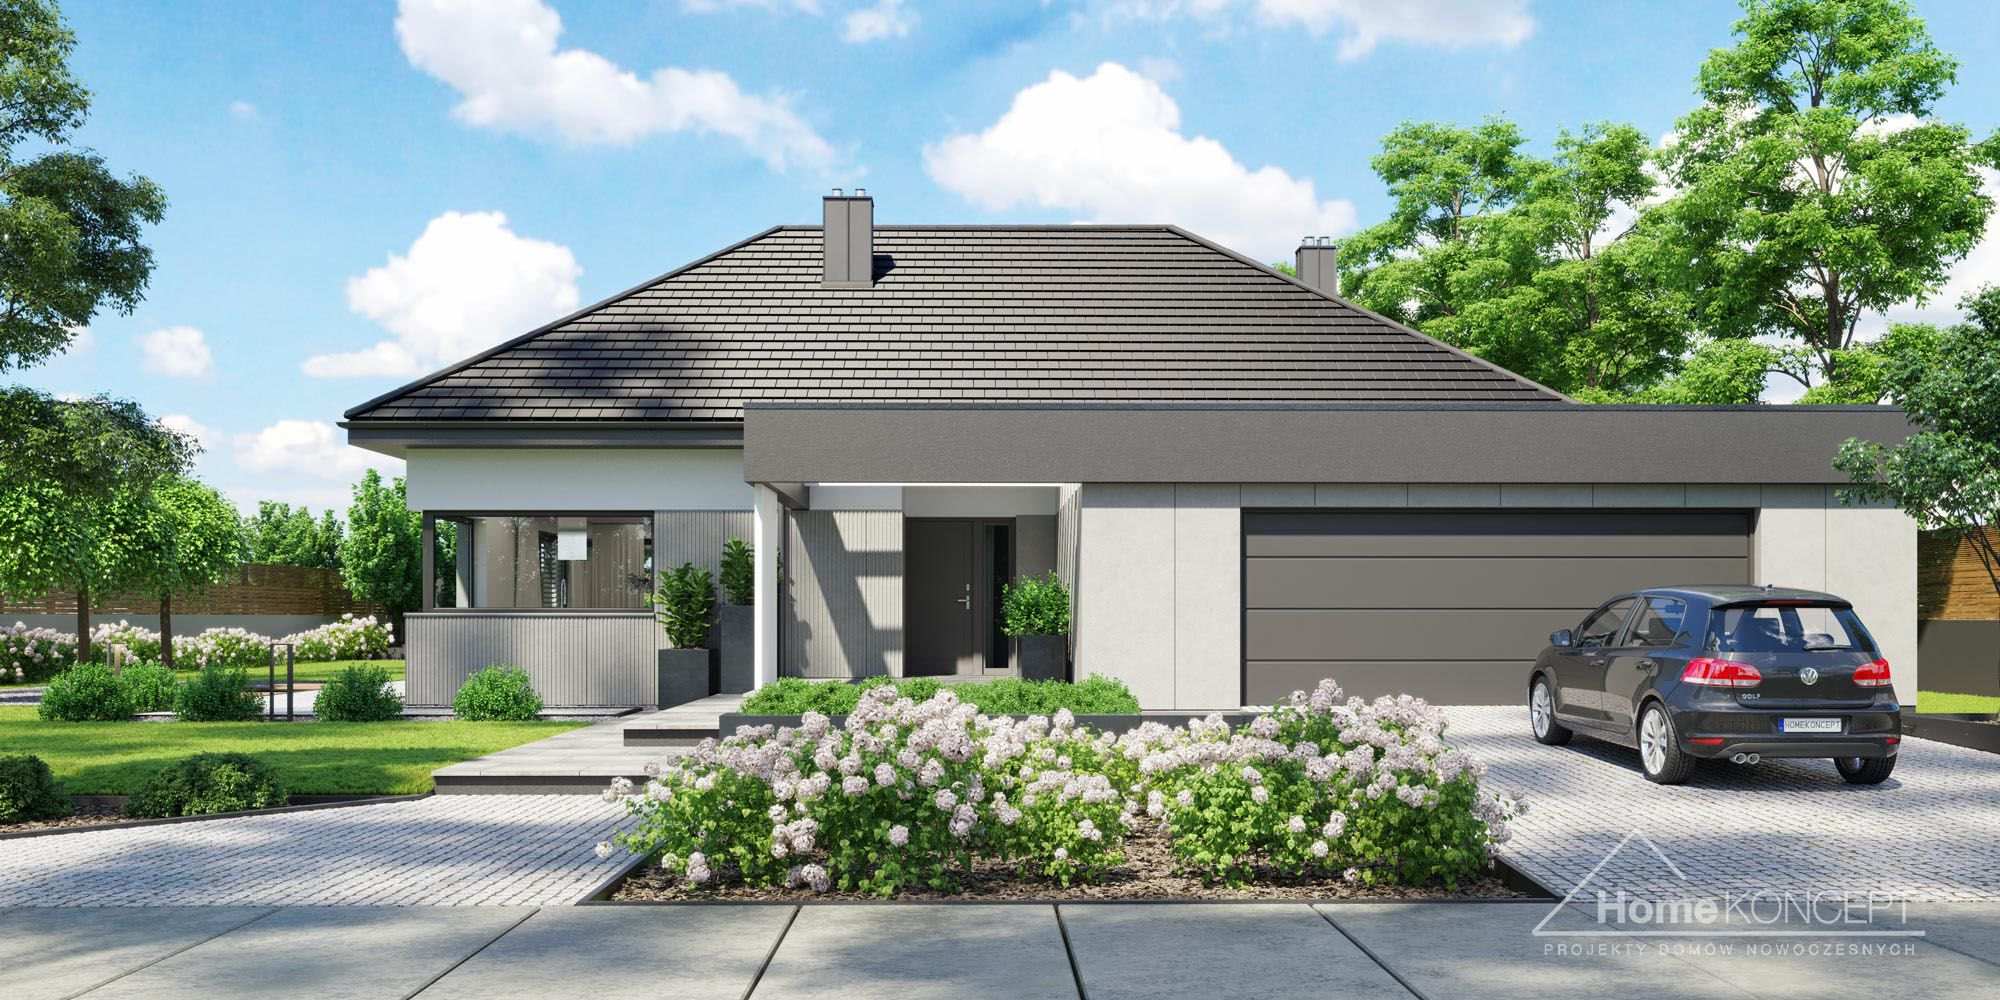 Pin En House Architecture Design